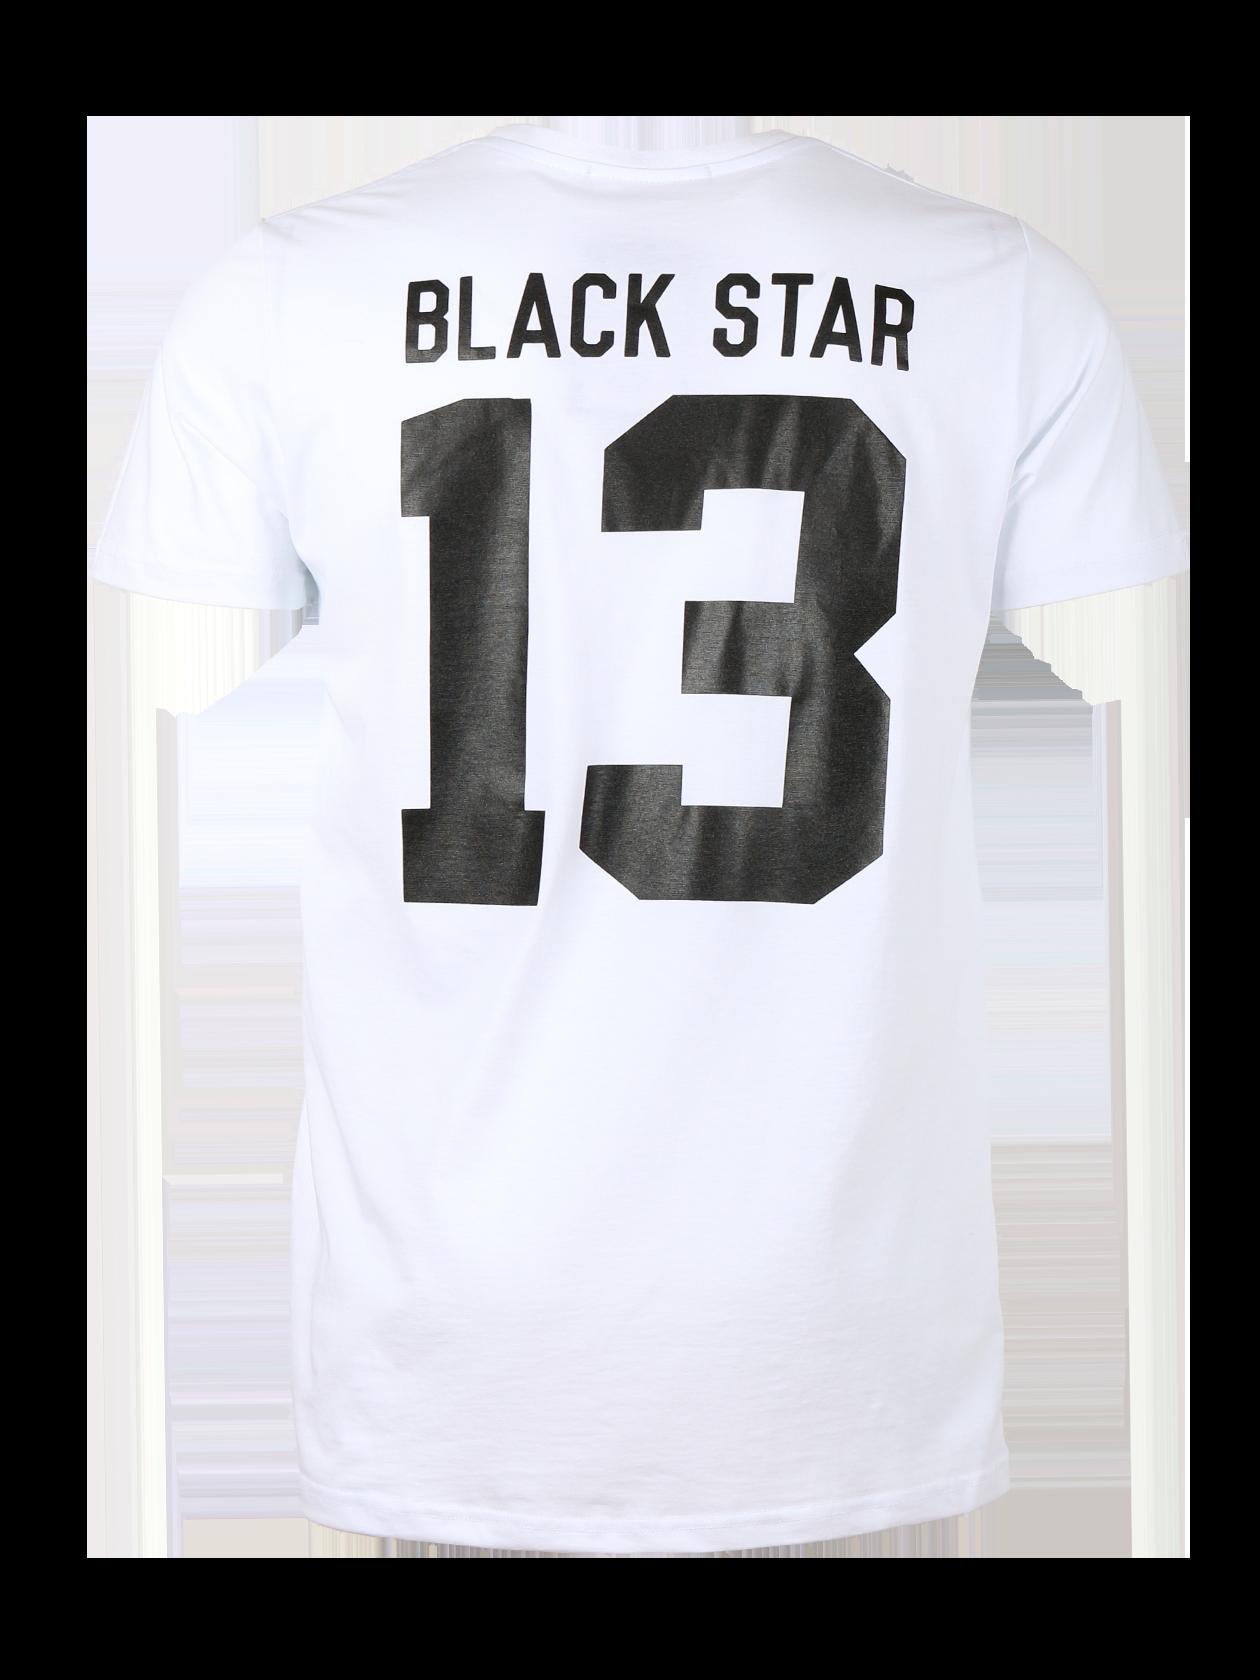 Mens t-shirt BLACK STAR 13Футболка мужская Black Star 13 из новой линии одежды Basic – базовая вещь для тех, кто стремится к стилю и комфорту каждый день. Модель простого удобного кроя с удлиненным полусвободным силуэтом и коротким рукавом. Изготовлена из высококачественного хлопка. Представлена в белой и черной расцветках. На спине заметная фирменная надпись Black Star 13 в контрастном цвете. Жаккардовый лейбл дополняет внутреннюю сторону горловины. Цена на изделие стала на 25% привлекательнее.<br><br>size: L<br>color: White<br>gender: unisex